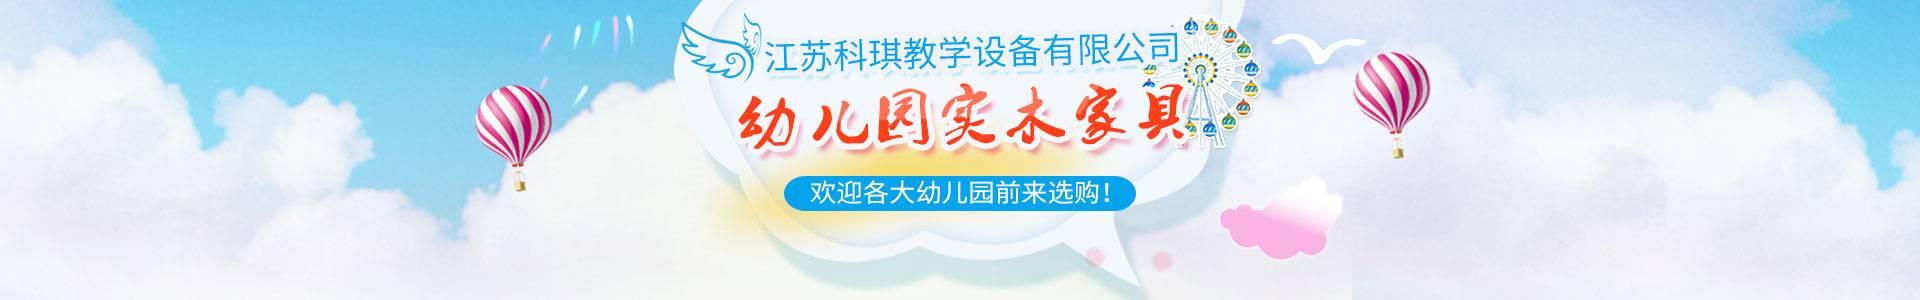 江苏蜜桃app免费污版教学设备有限公司